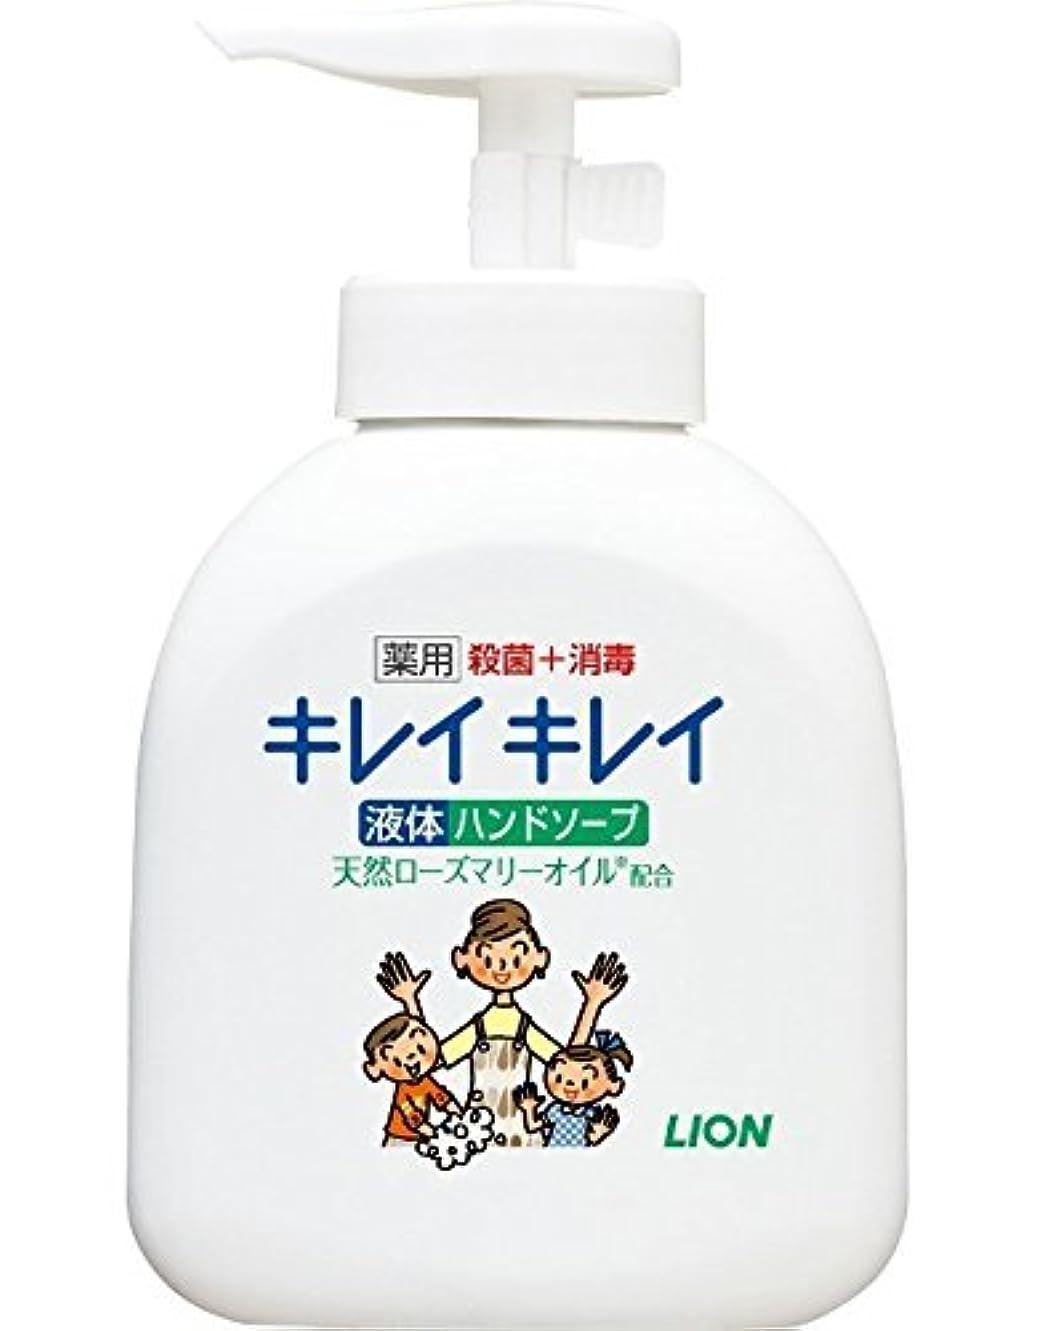 巨大大邸宅理想的【ライオン】キレイキレイ薬用液体ハンドソープ 本体ポンプ 250ml ×20個セット